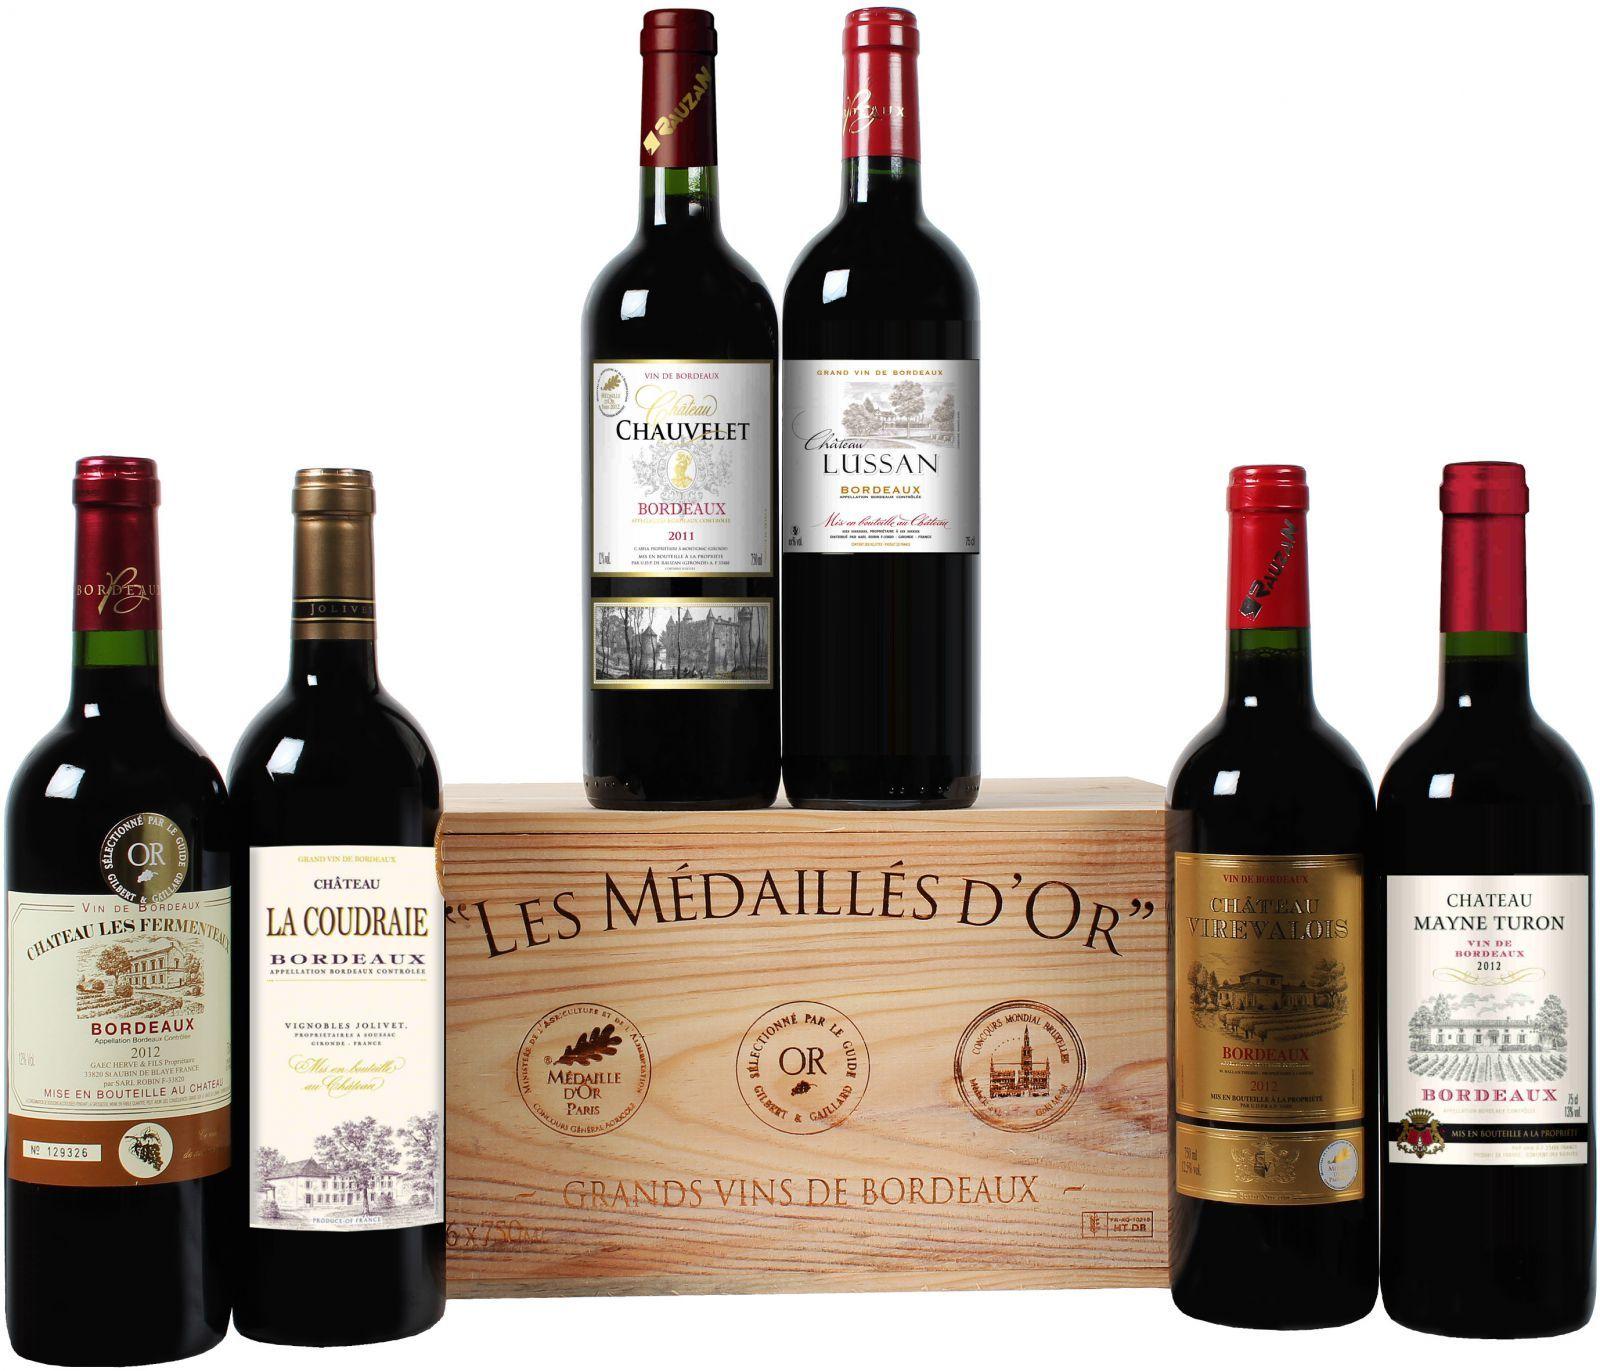 Goldprämierte Bordeaux-Selektion in edler Holzkiste mit 6 Flaschen Rotwein nur 39,99 Euro* statt 99,00 Euro